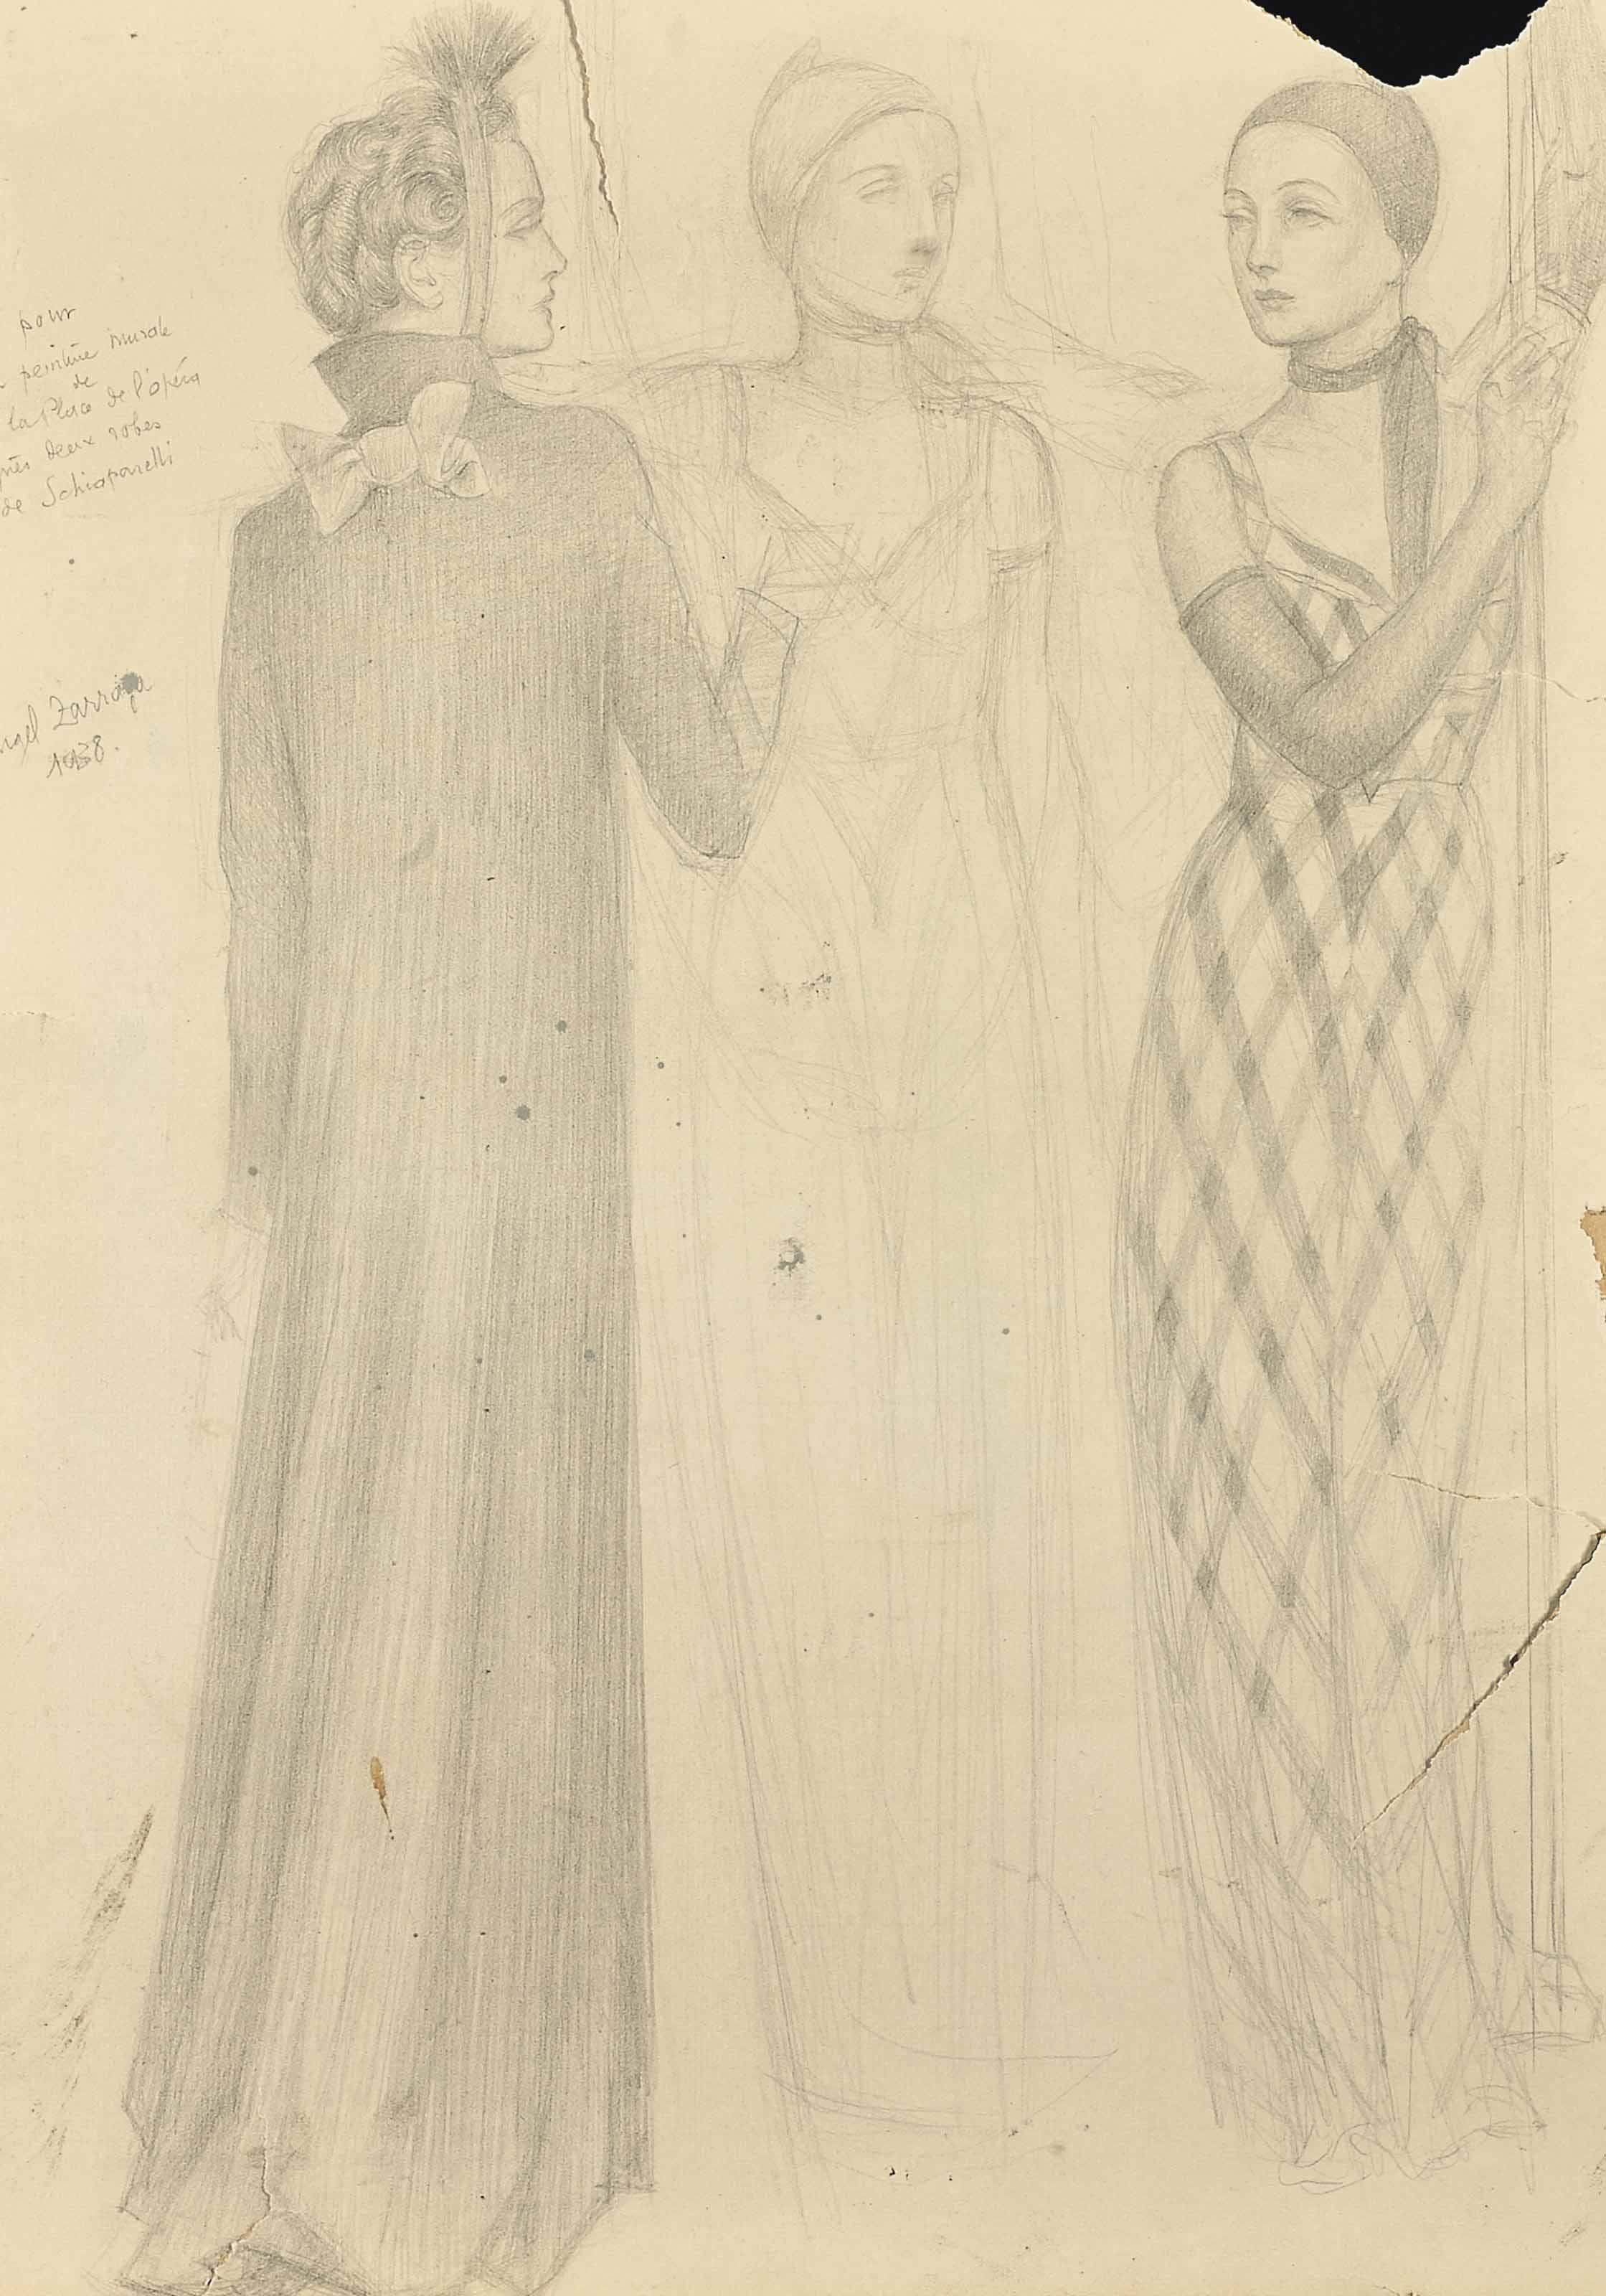 Femmes vêtues de robes Schiaparelli (Etude pour la peinture murale de la Maison du Café, place de l'Opéra)